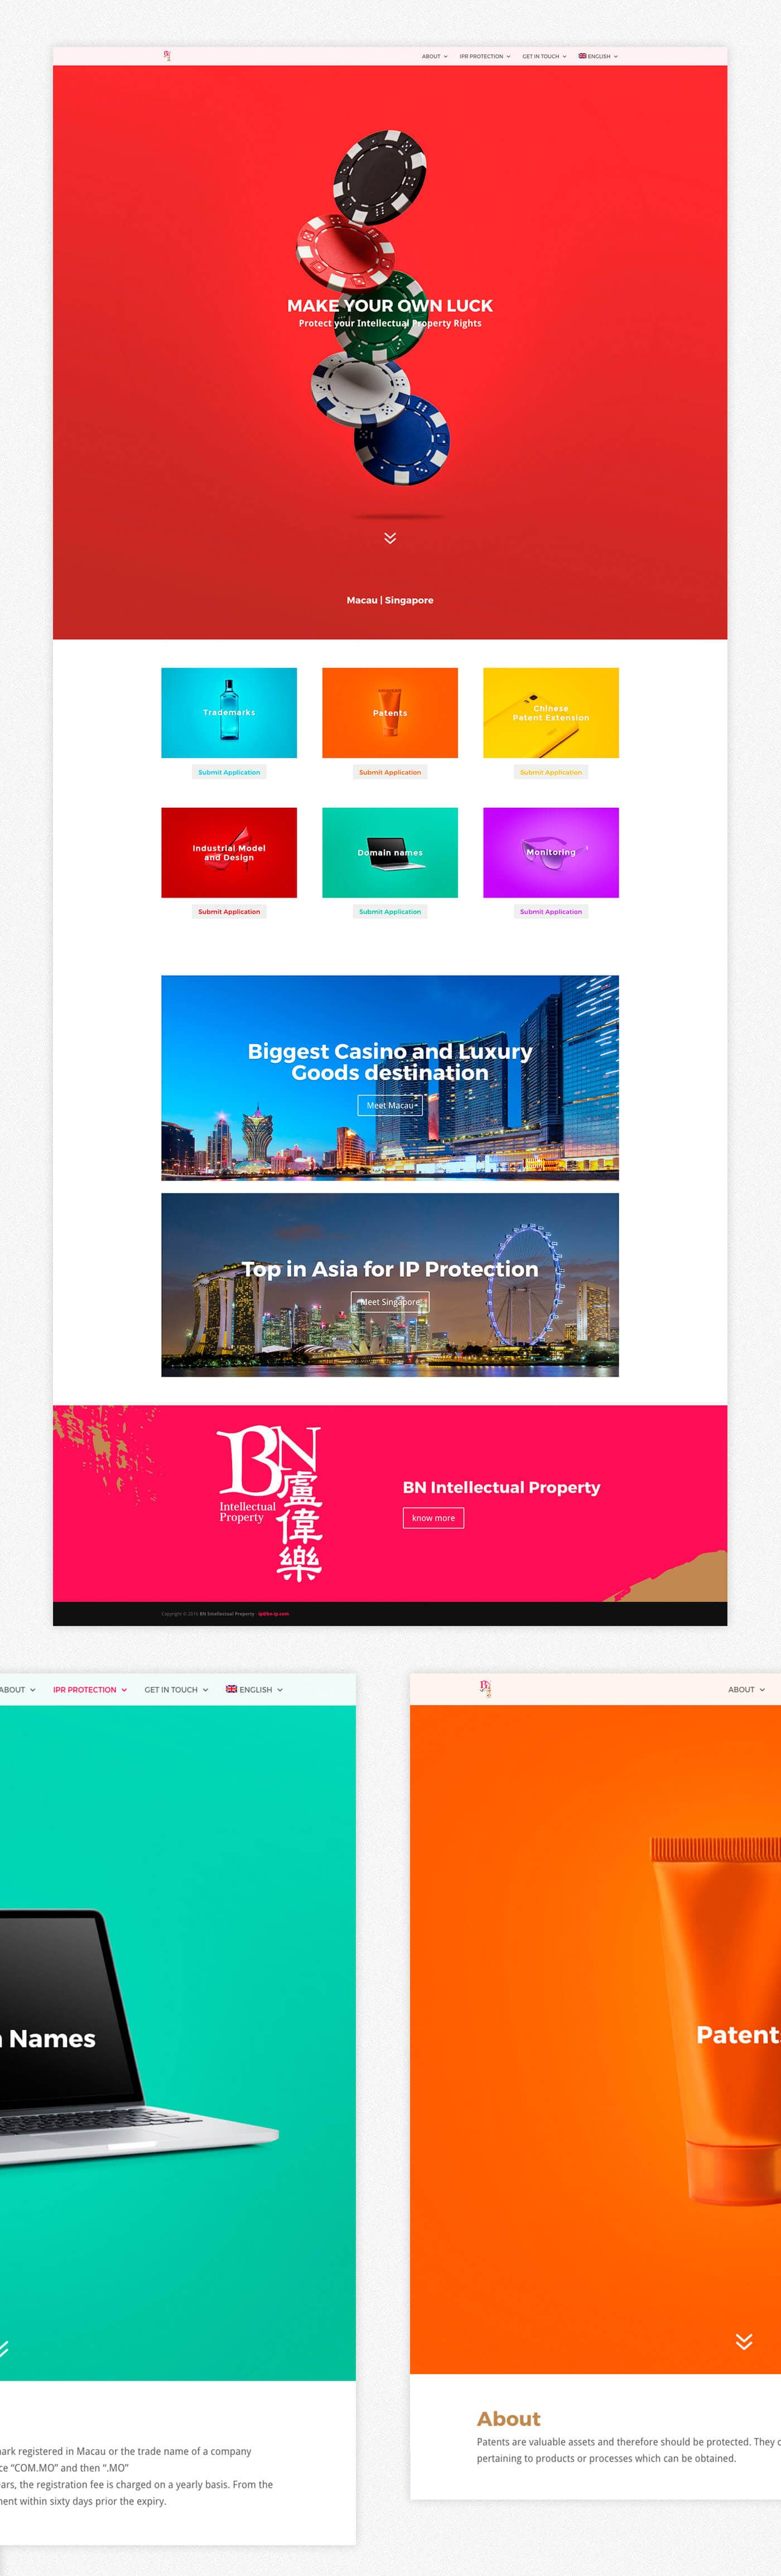 BN IP, Intellectual Property, branding, web design, website